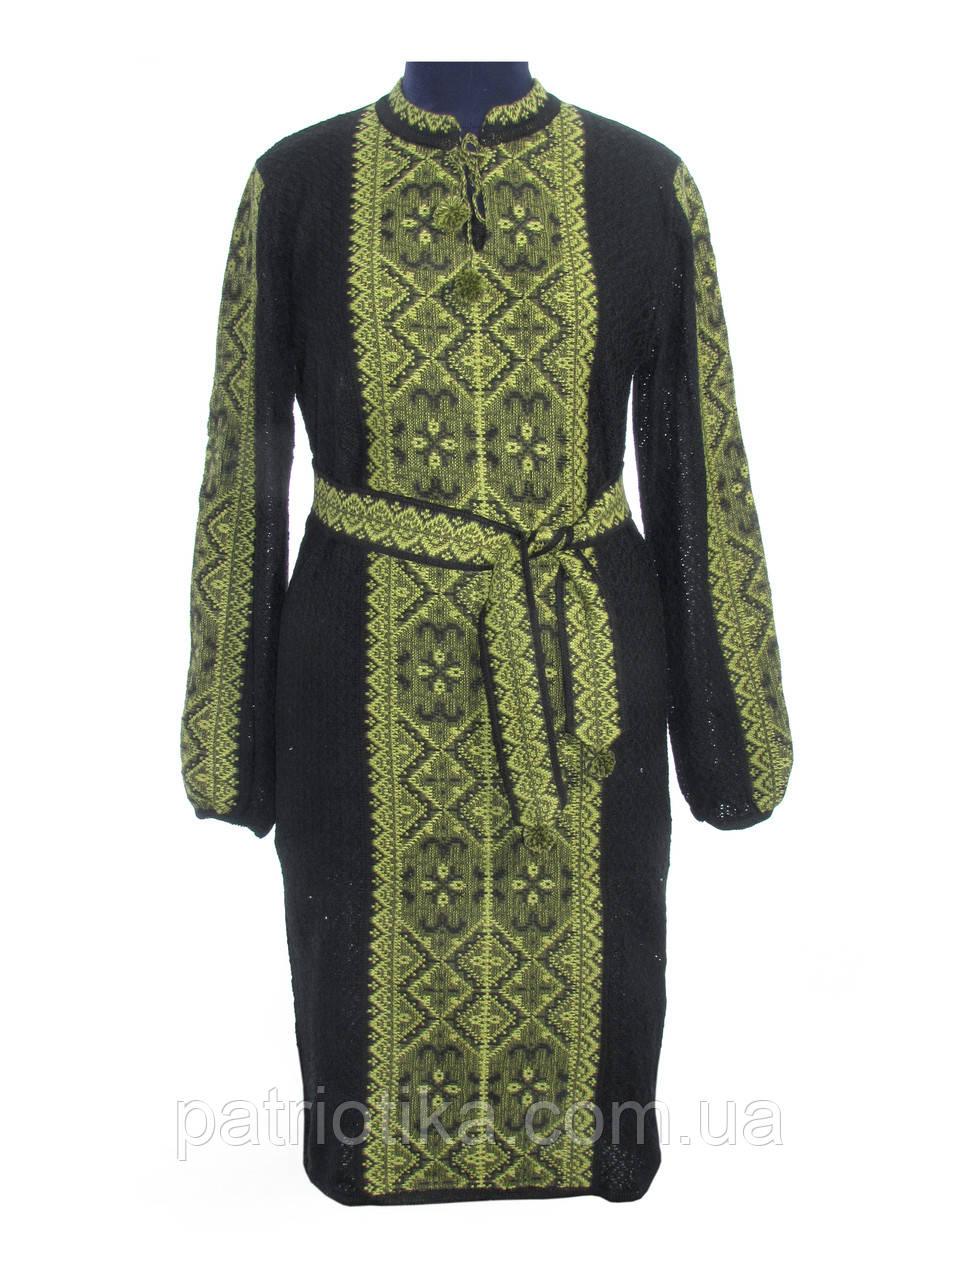 Вязаное платье черное Влада зеленая х/б | В'язане плаття чорне Влада зелена х/б